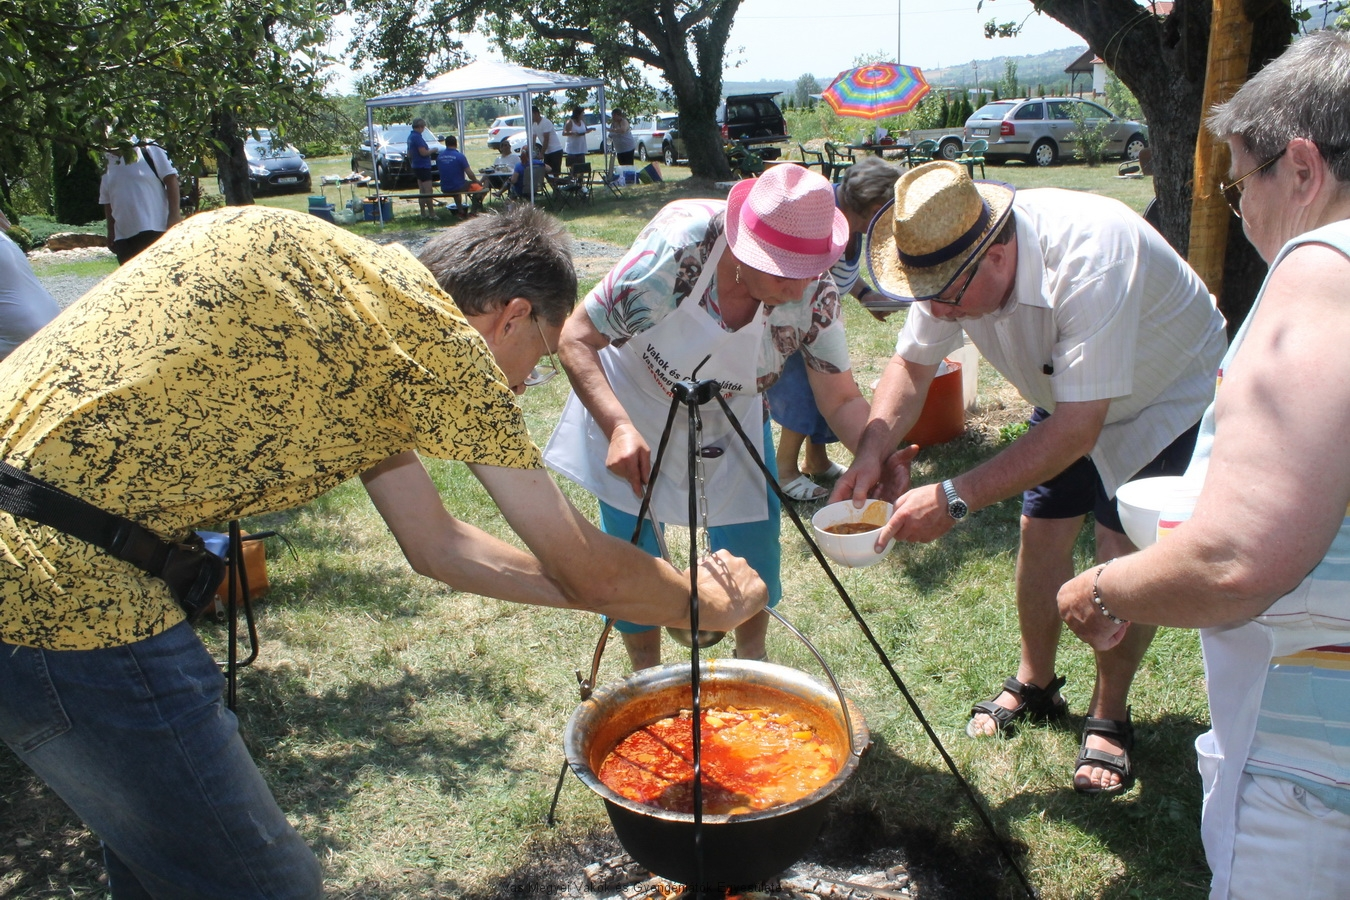 Vak-Merő szakácsaink pincepörköltet főztek. Nagyné Marika volt a főszakács.Második helyezettek lettek, és megkapták a Mesterszakács oklevelet.